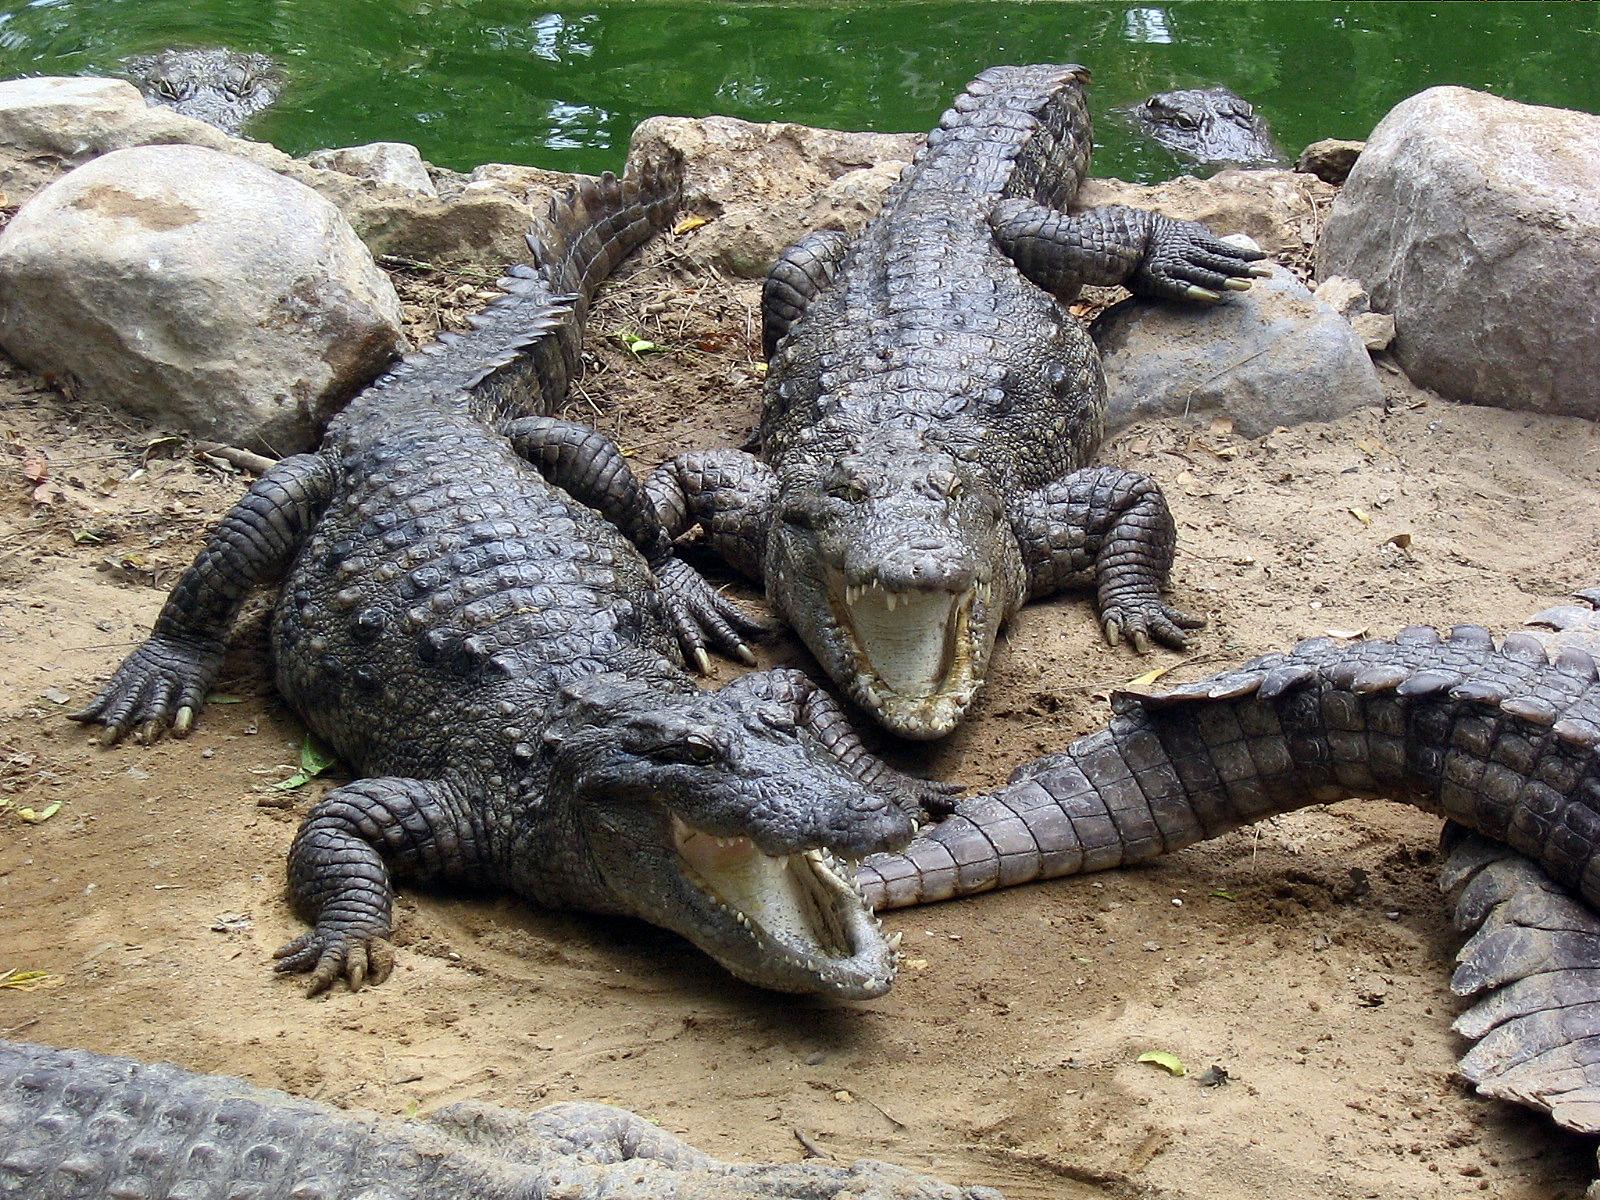 Cameroun : des crocodiles en divagation dévorent le bétail dans la ville de Garoua sous les regards impuissants de la population